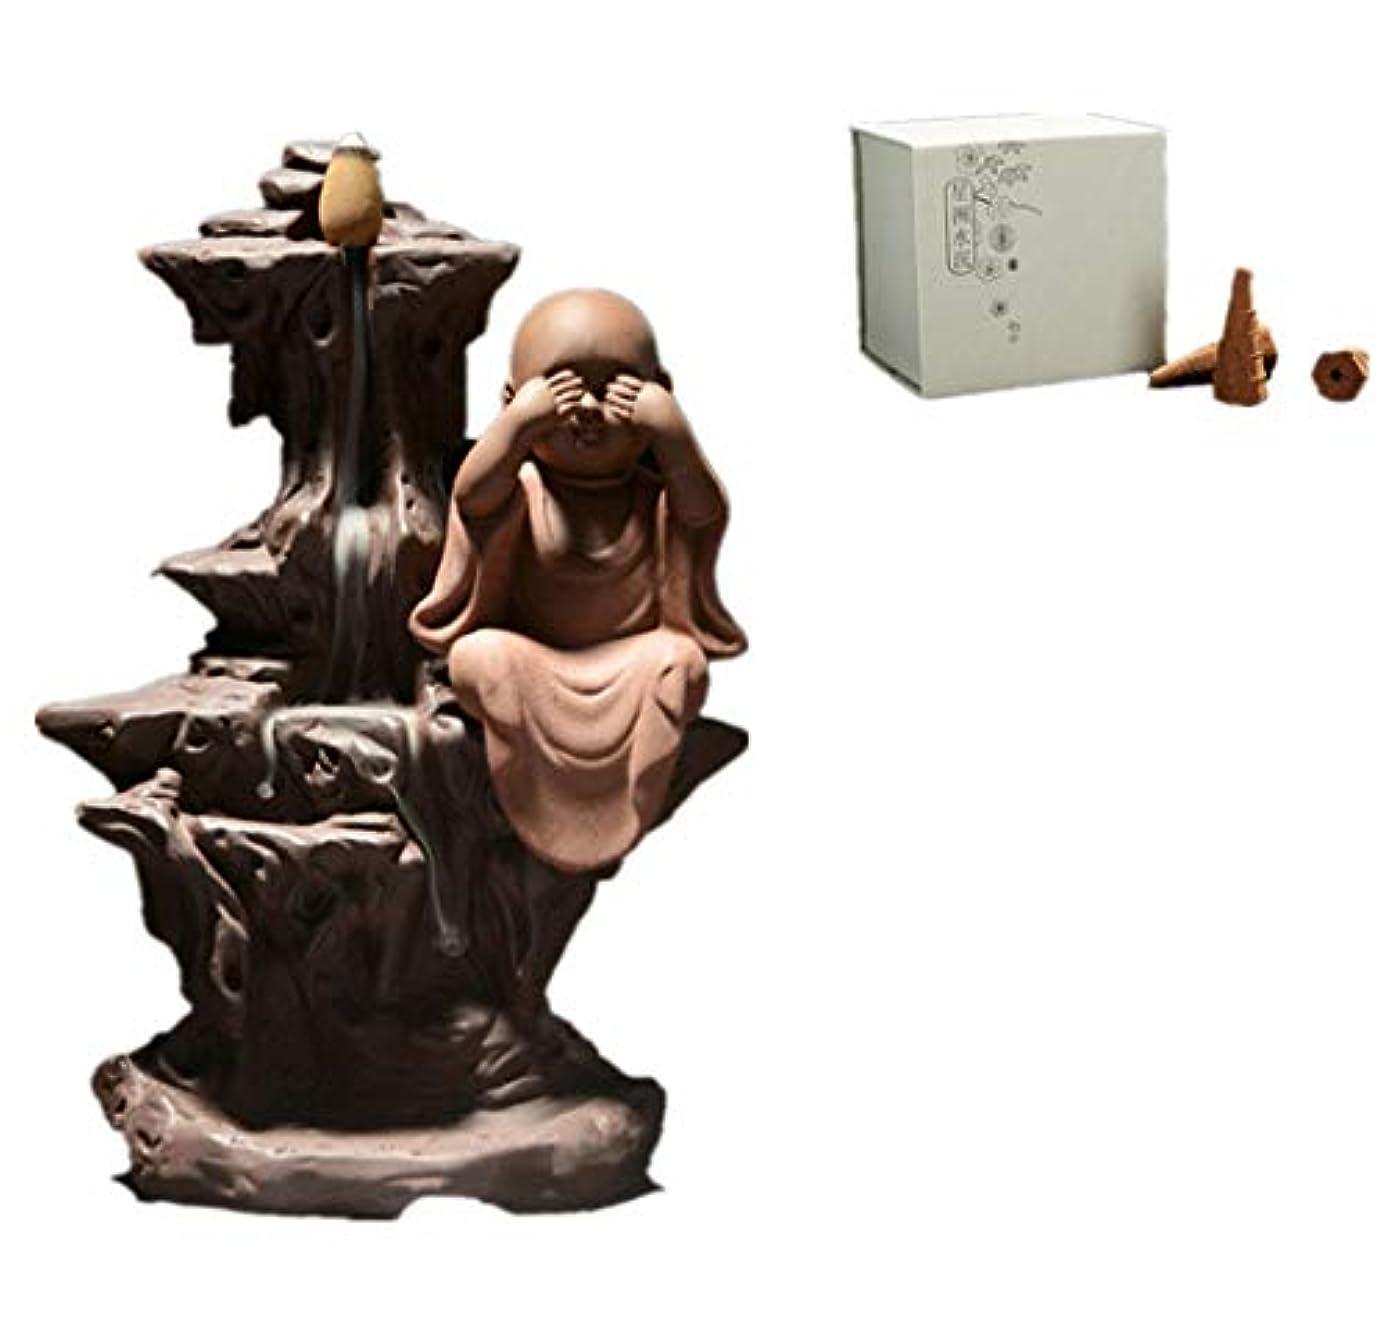 鉄道陰気オーブンXPPXPP Reflux Incense Burner With 40 Reflux Cones, Home Decoration Incense Stick Ceramic Backflow Cone Candlestick Burner